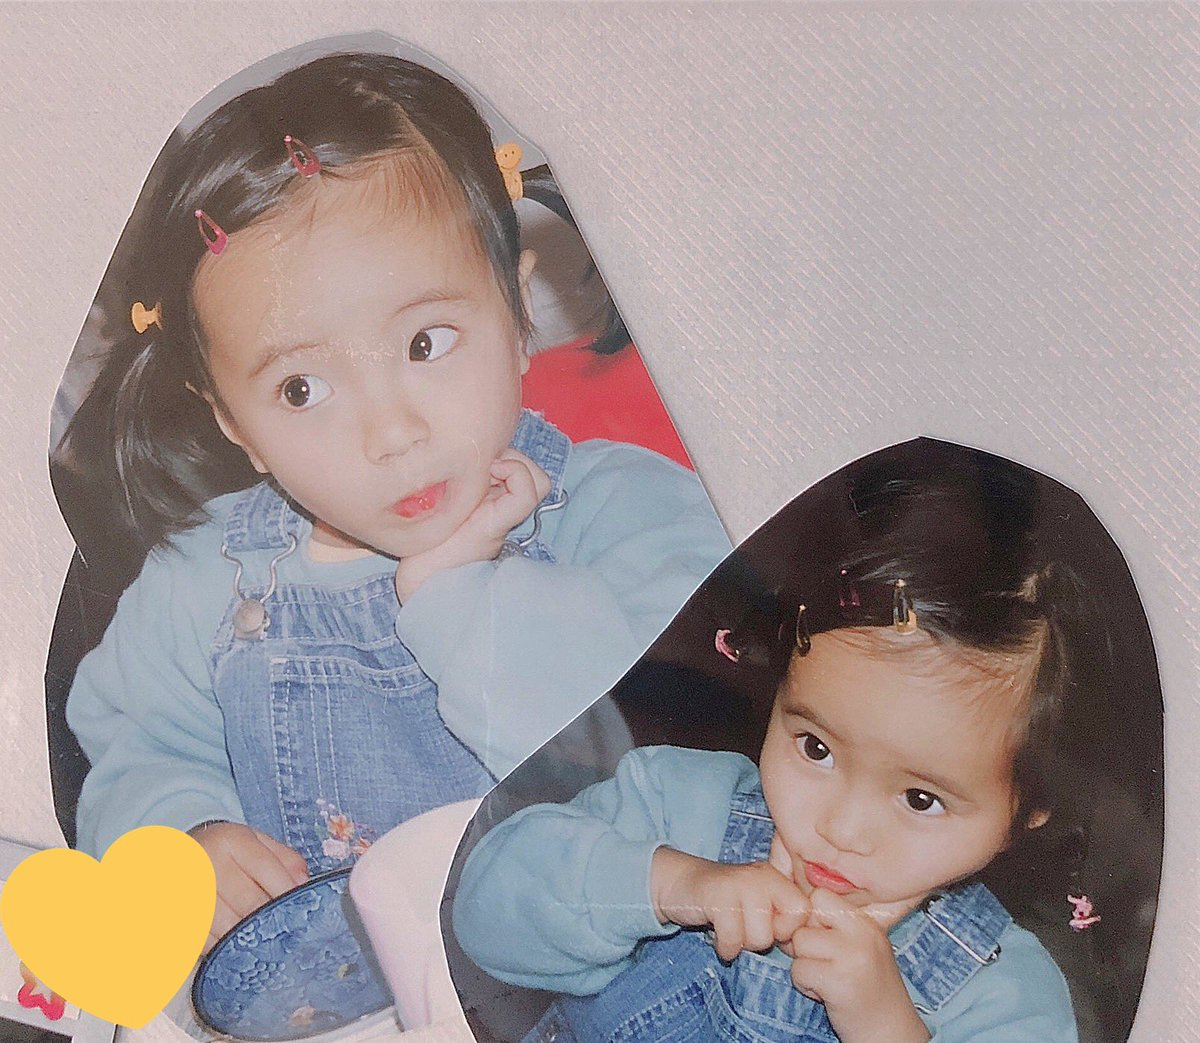 わーい!20歳になりました💛今年も全力でNMB48を愛します!#小嶋花梨生誕祭2019